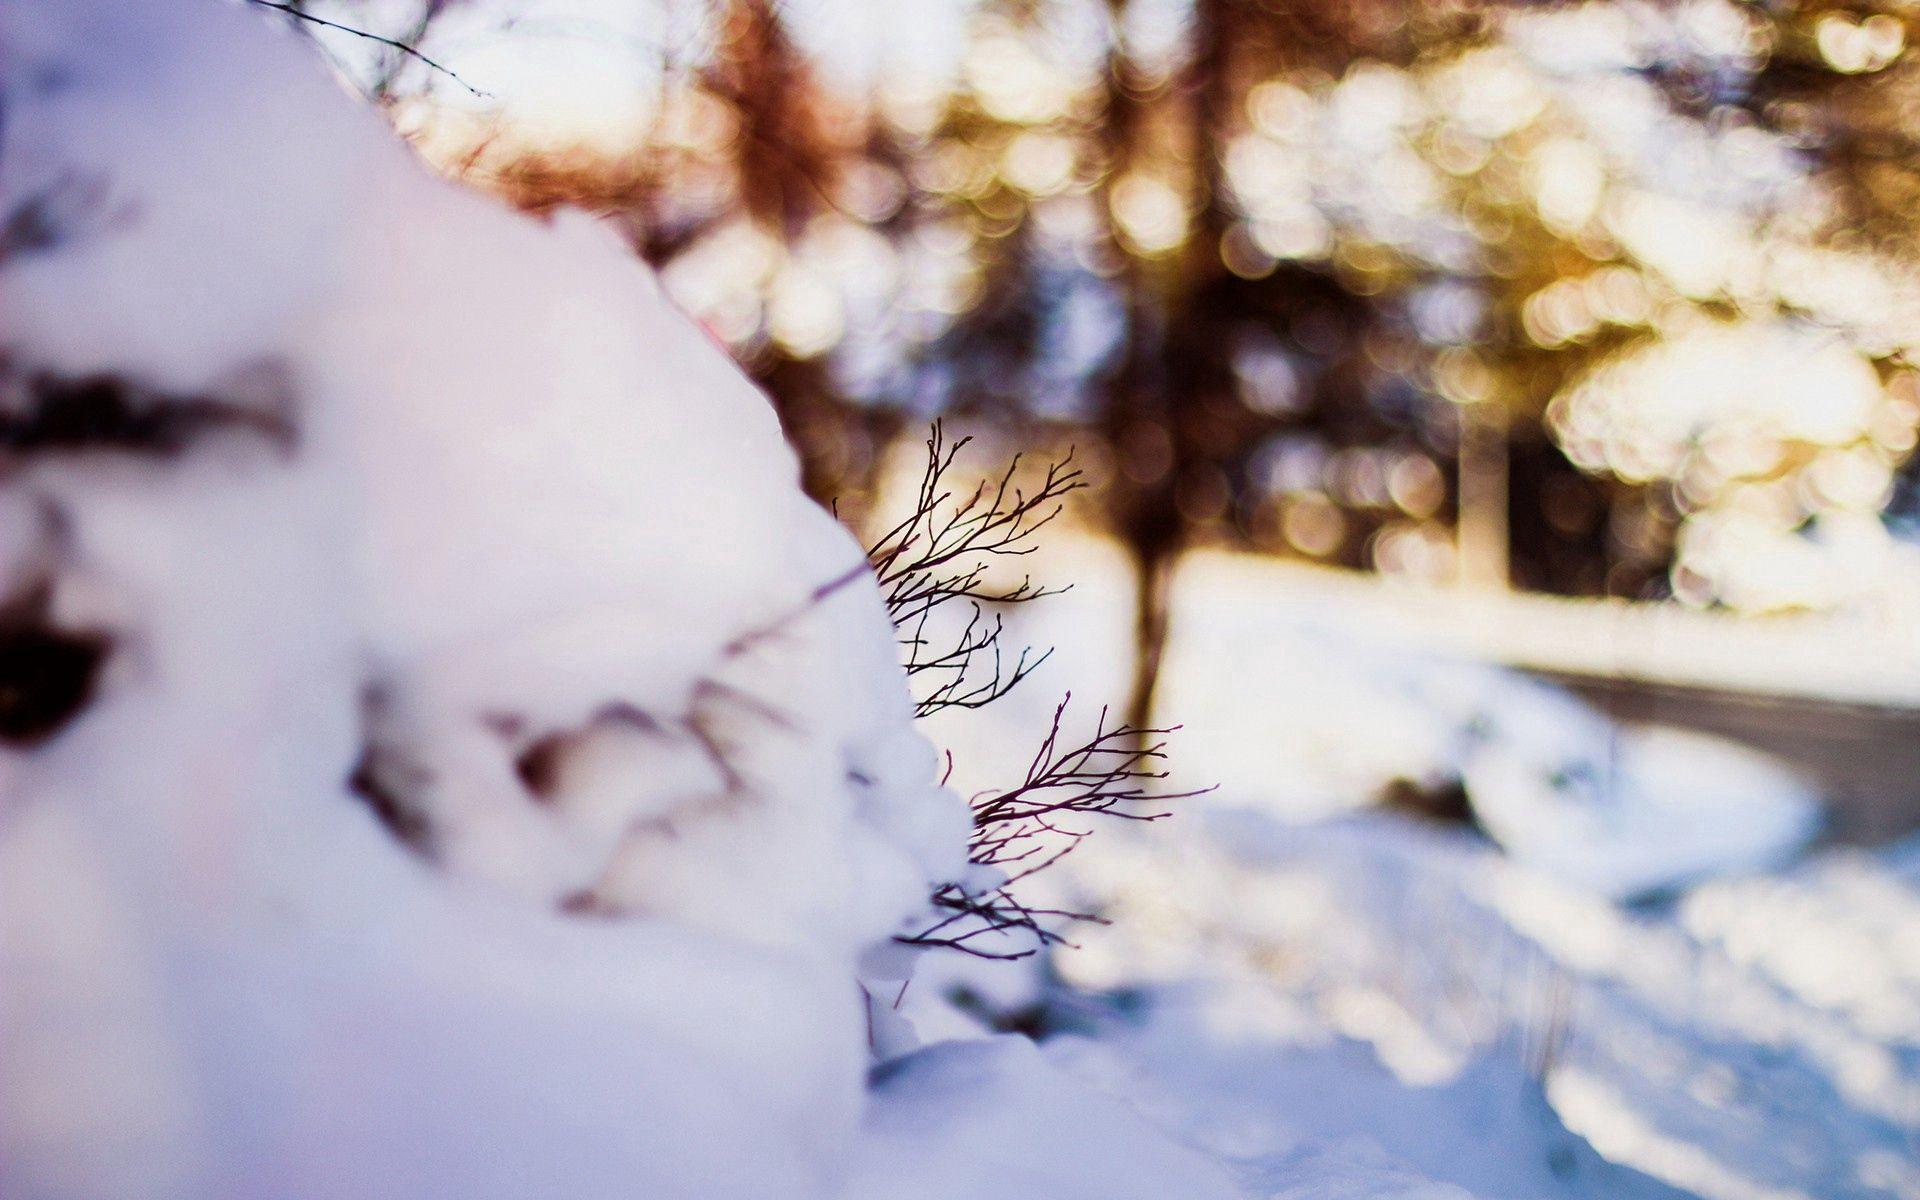 94441 papel de parede 480x800 em seu telefone gratuitamente, baixe imagens Inverno, Neve, Macro, Galhos, Ramos 480x800 em seu celular